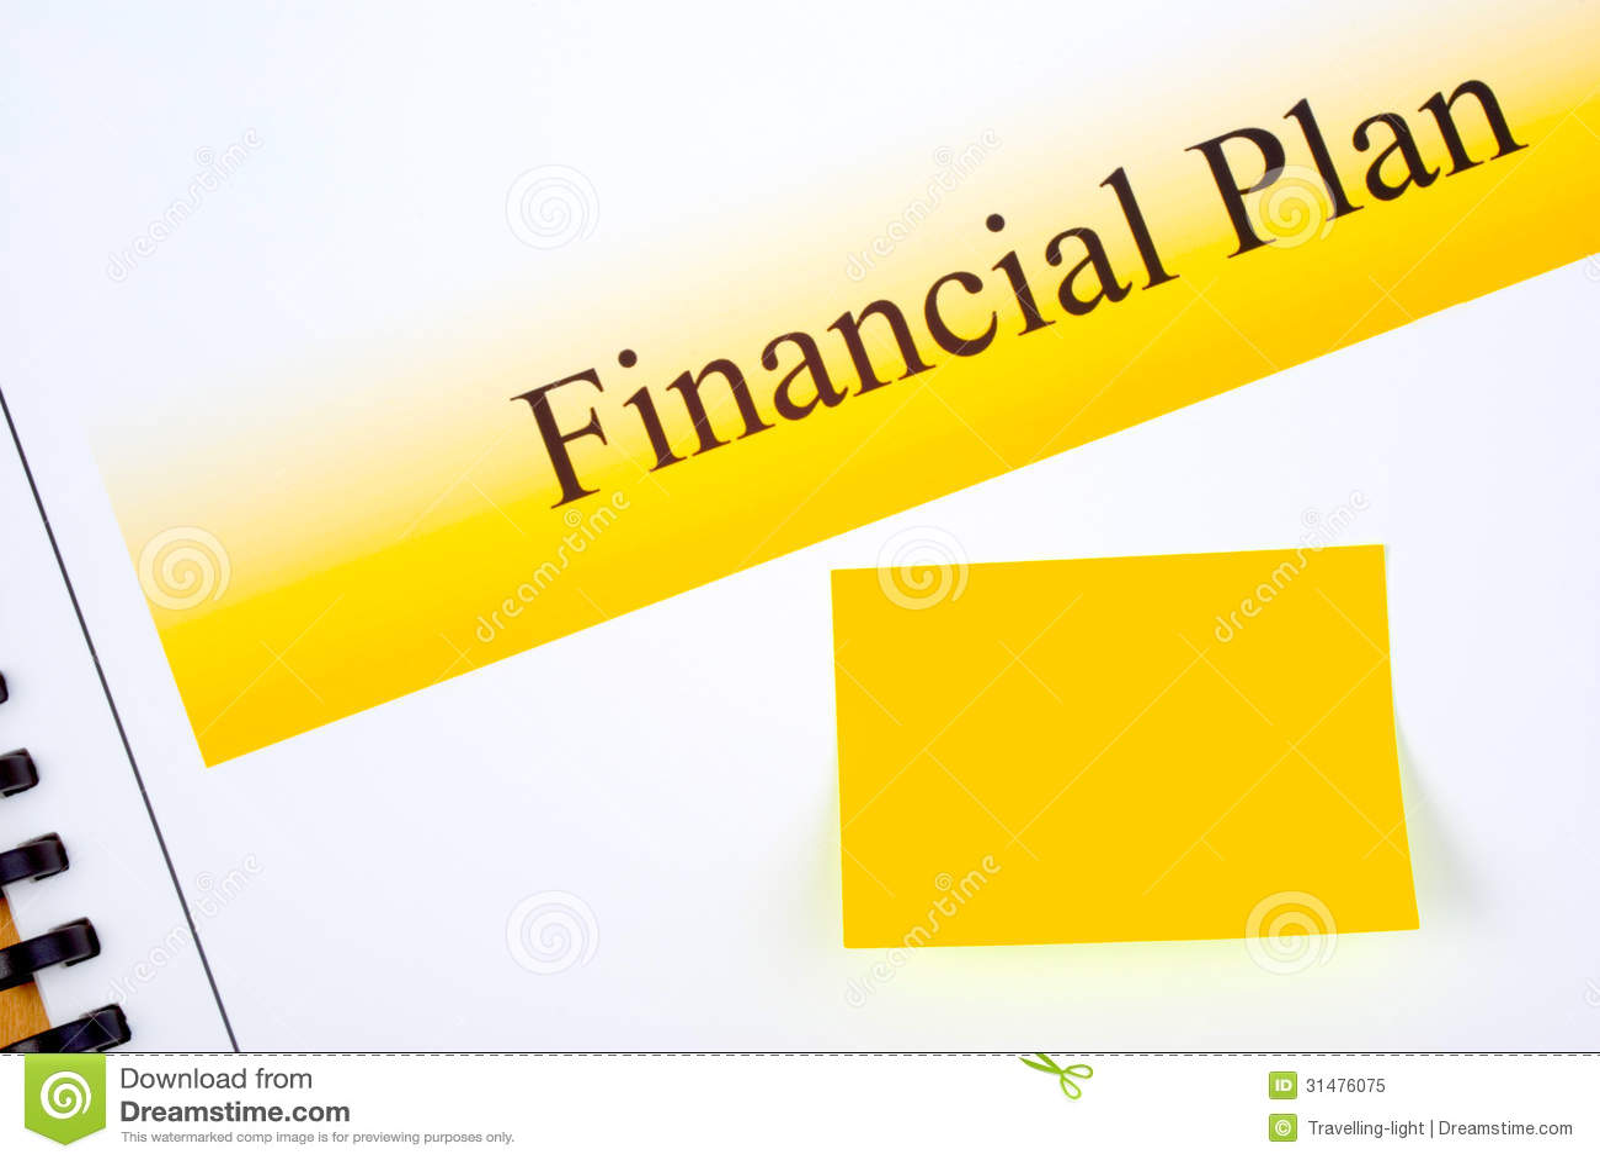 Οικονομικό σχέδιο με το ταίριασμα της κολλώδους σημείωσης